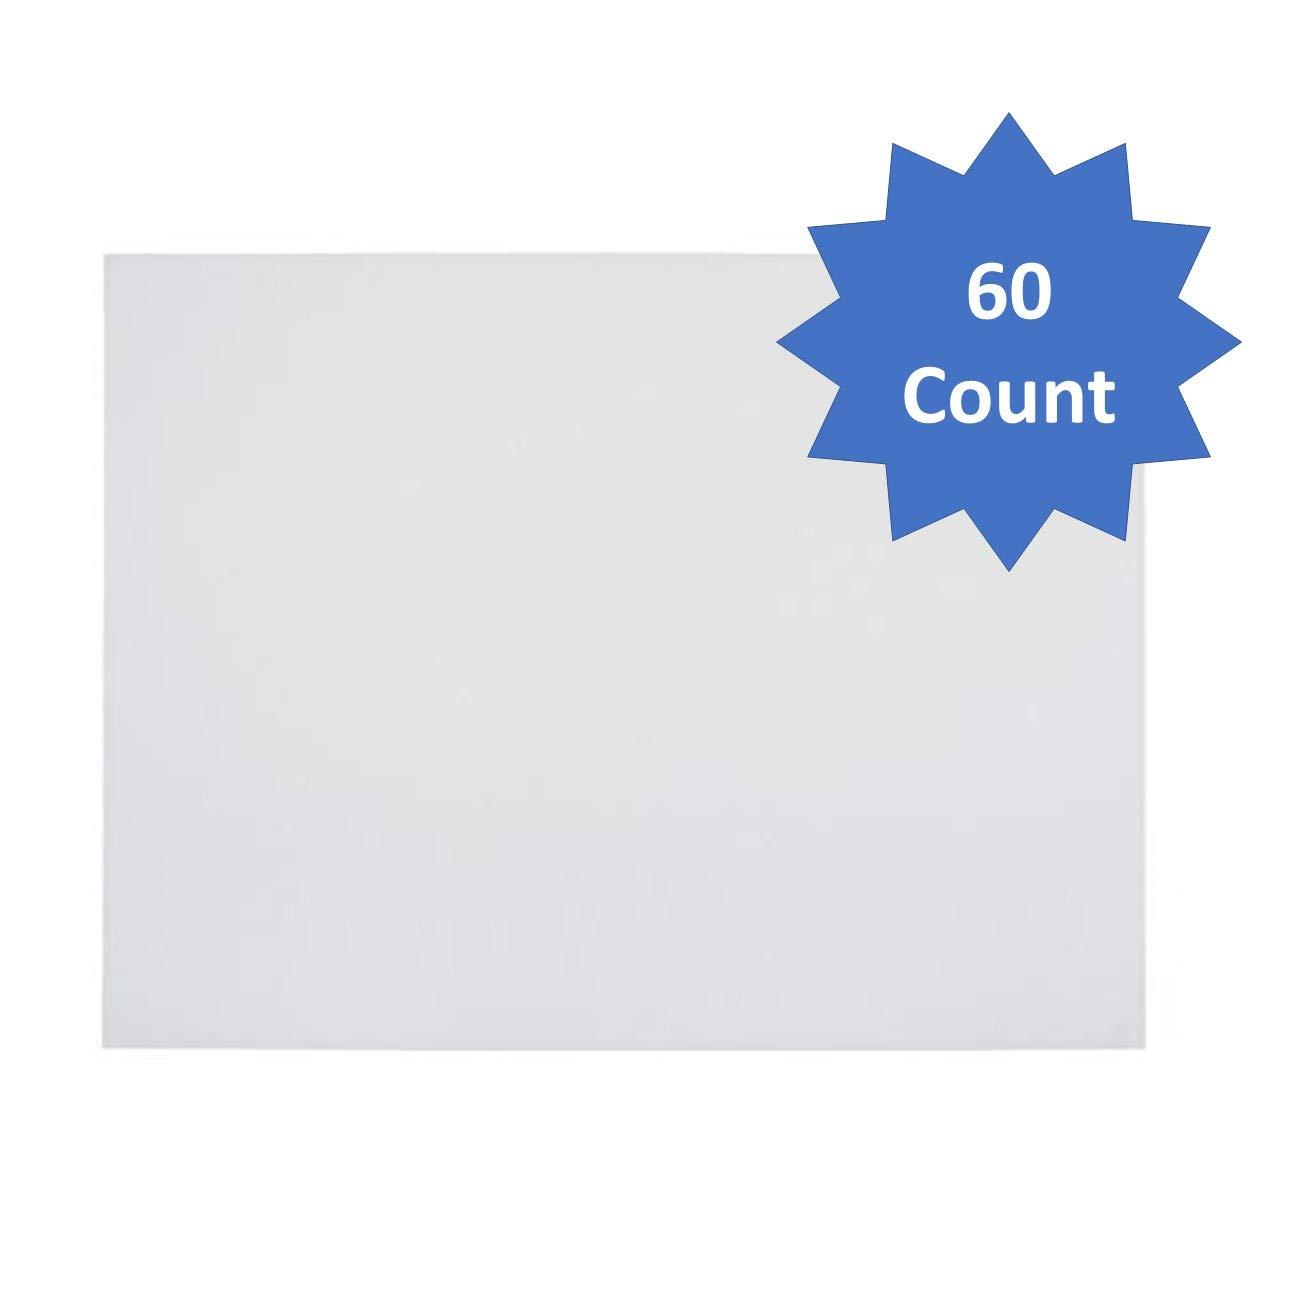 School Smart Railroad Boards, 22 x 28 Inches, 6-Ply, White, Pack of 60-1485742 (White, Pack of 60) by School Smart